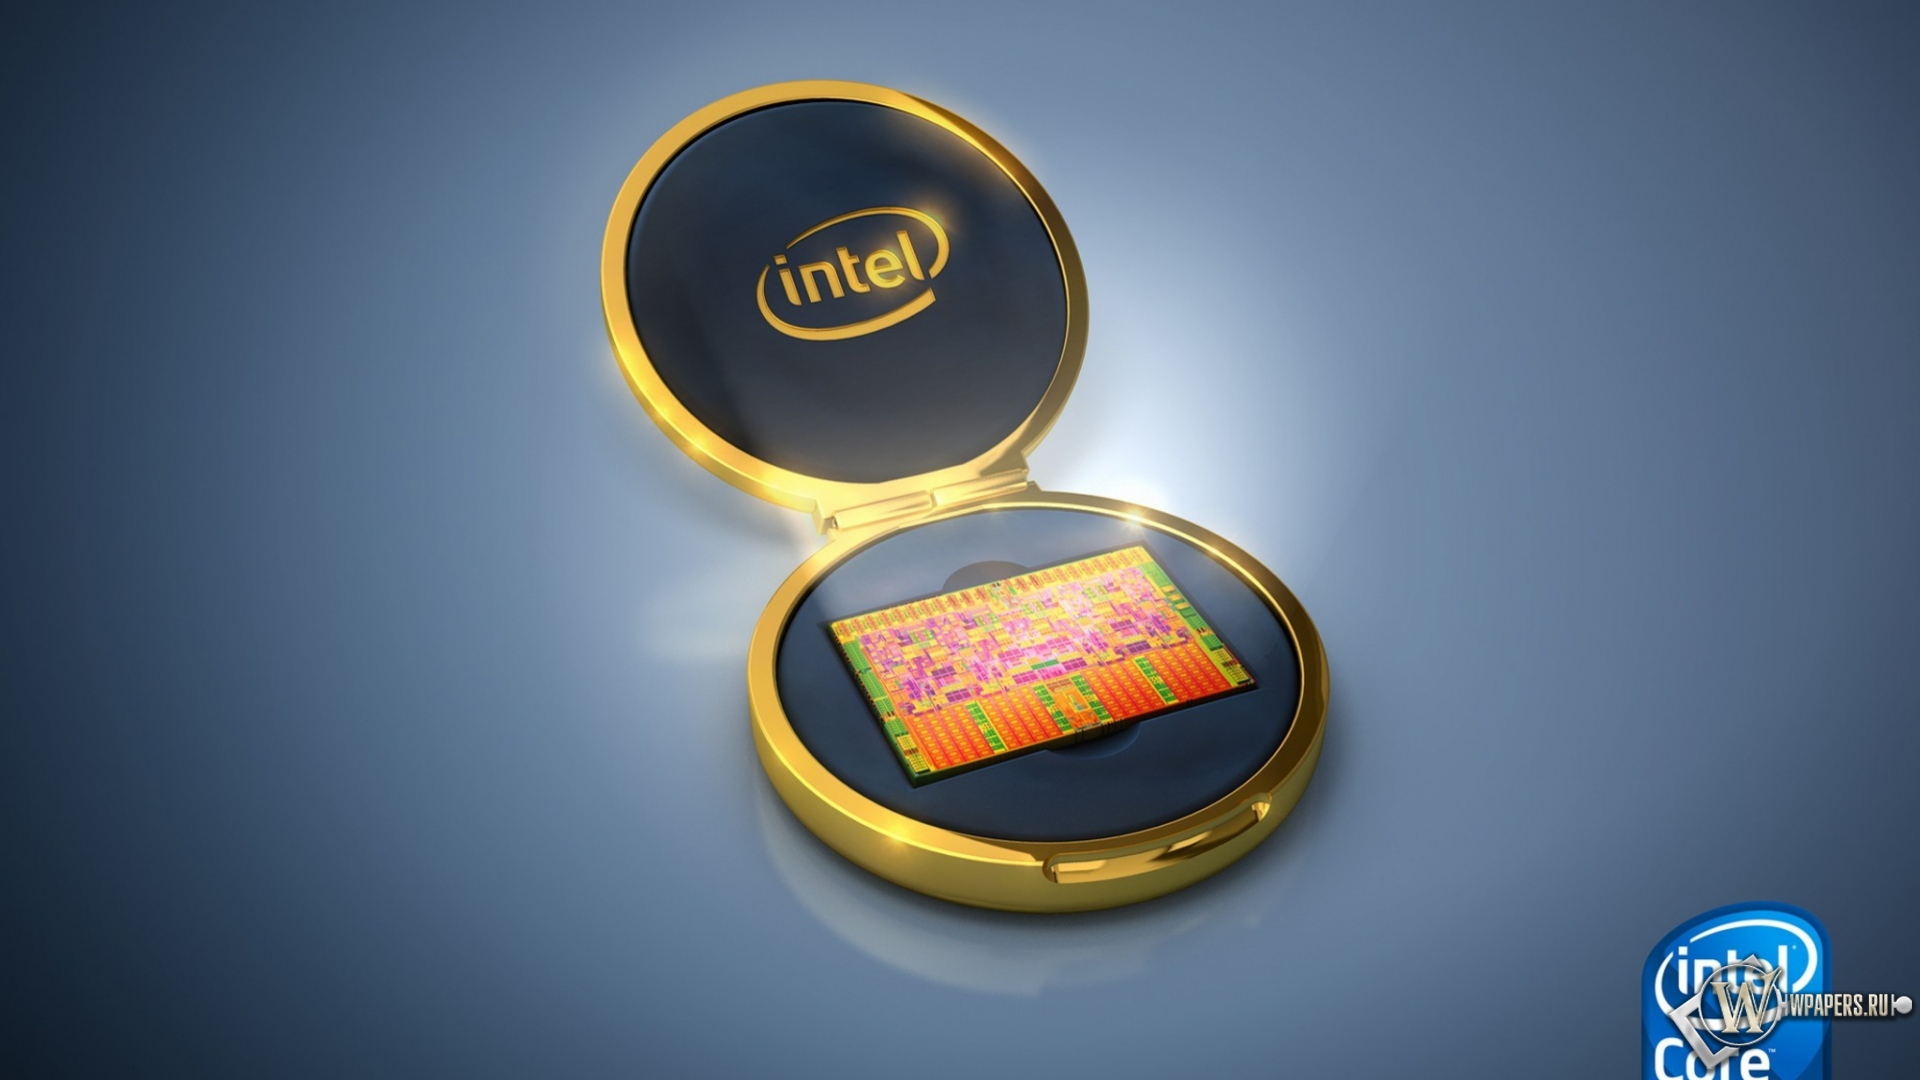 Intel Core i7  Wikipedia